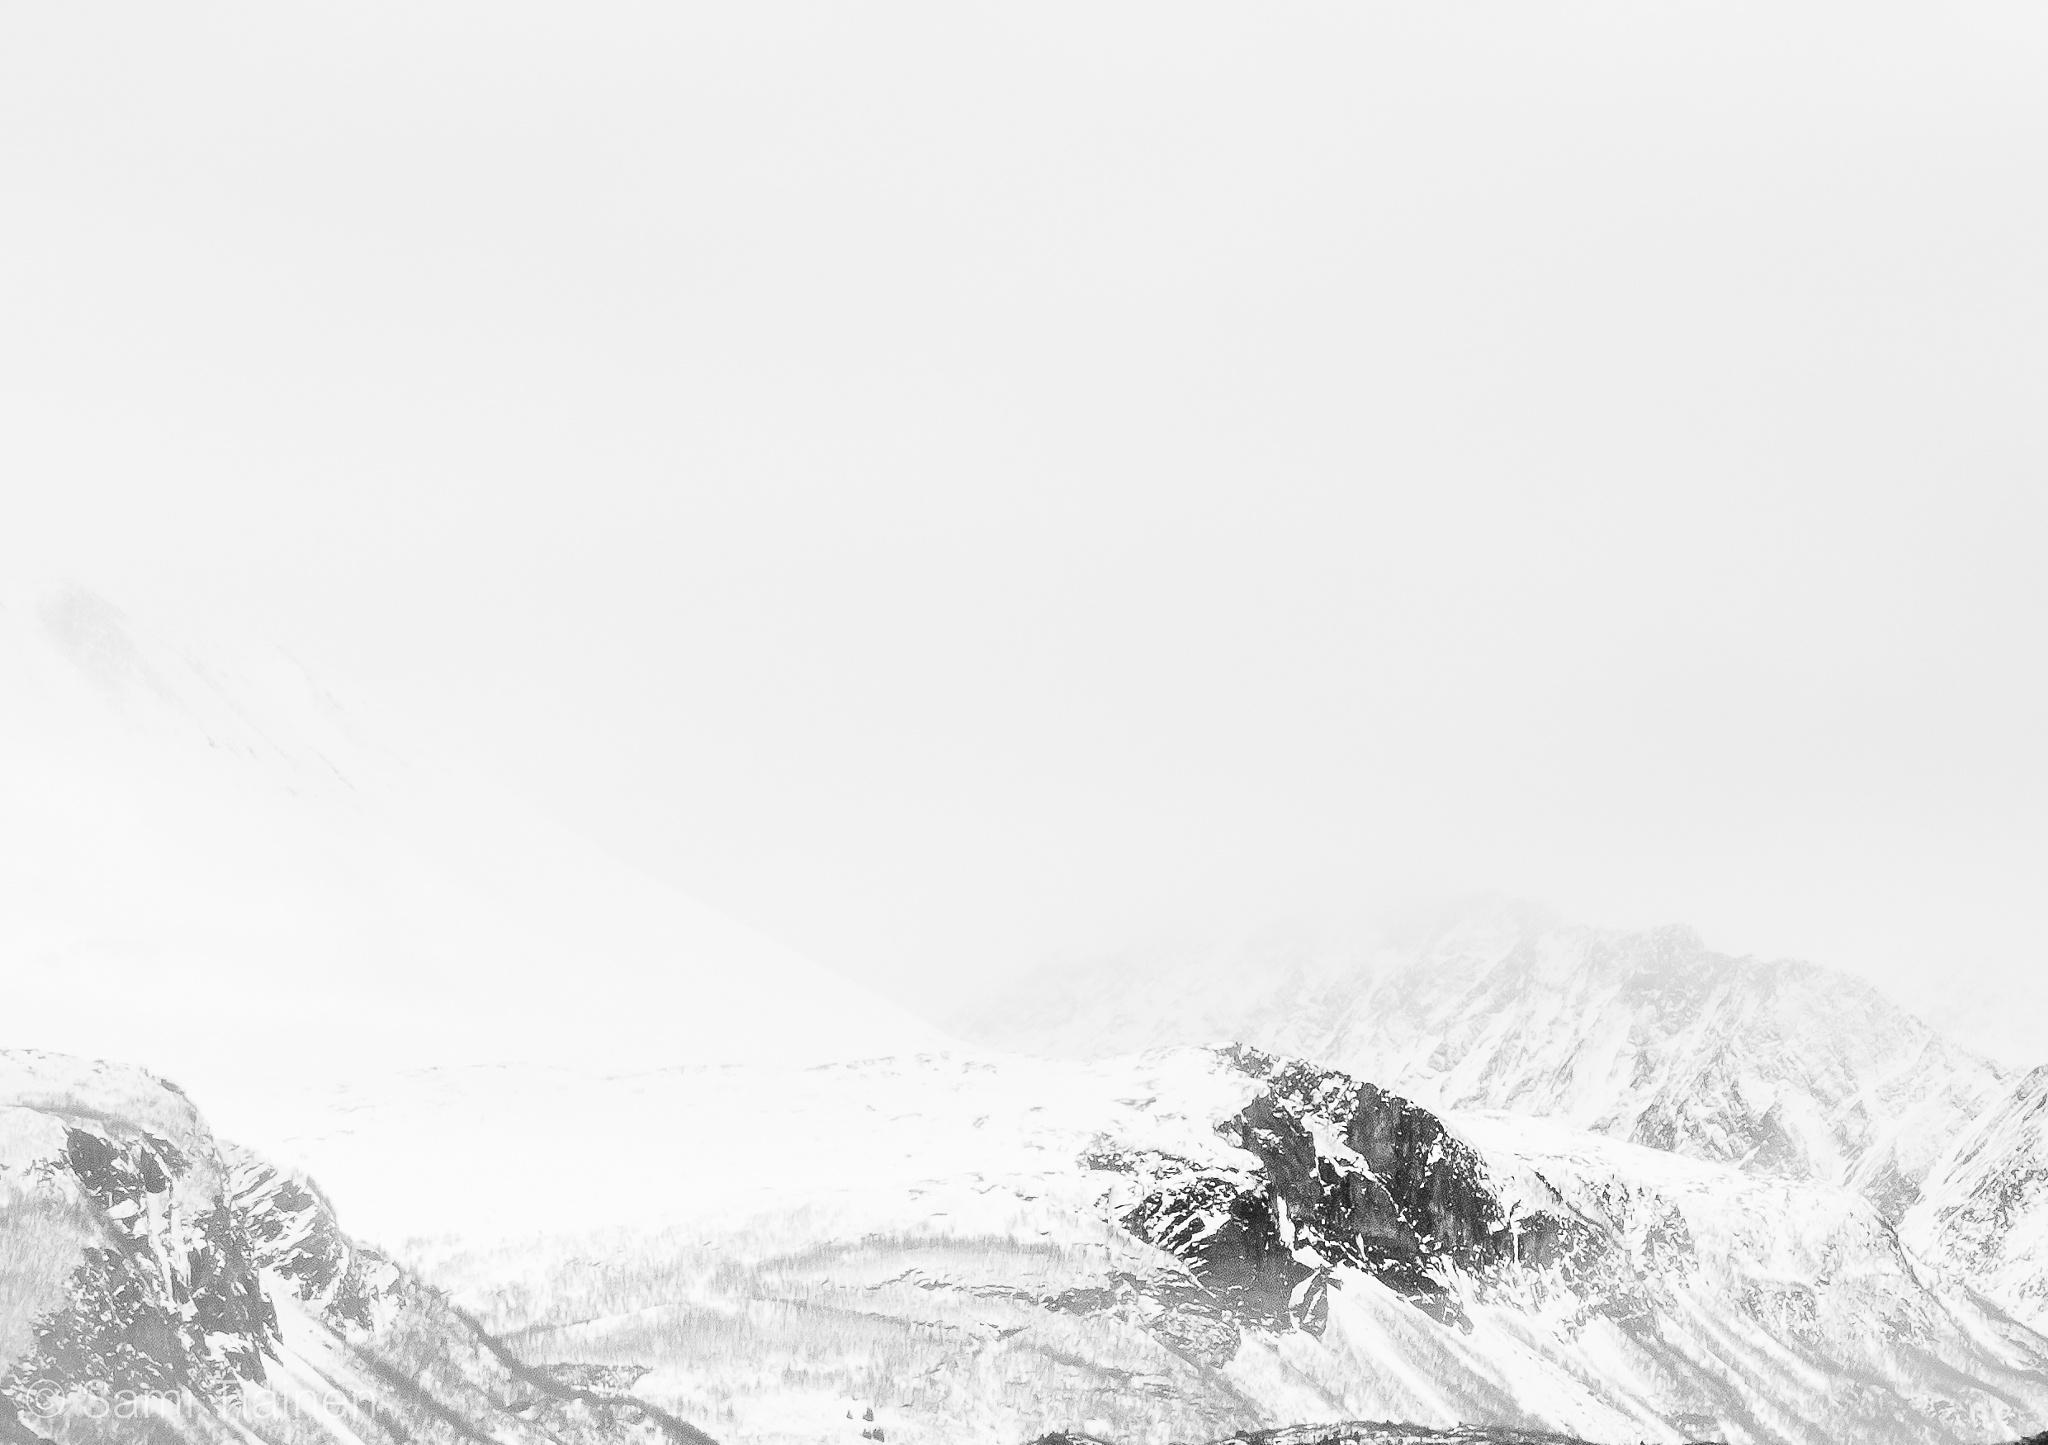 Mountains by Sami Tiainen